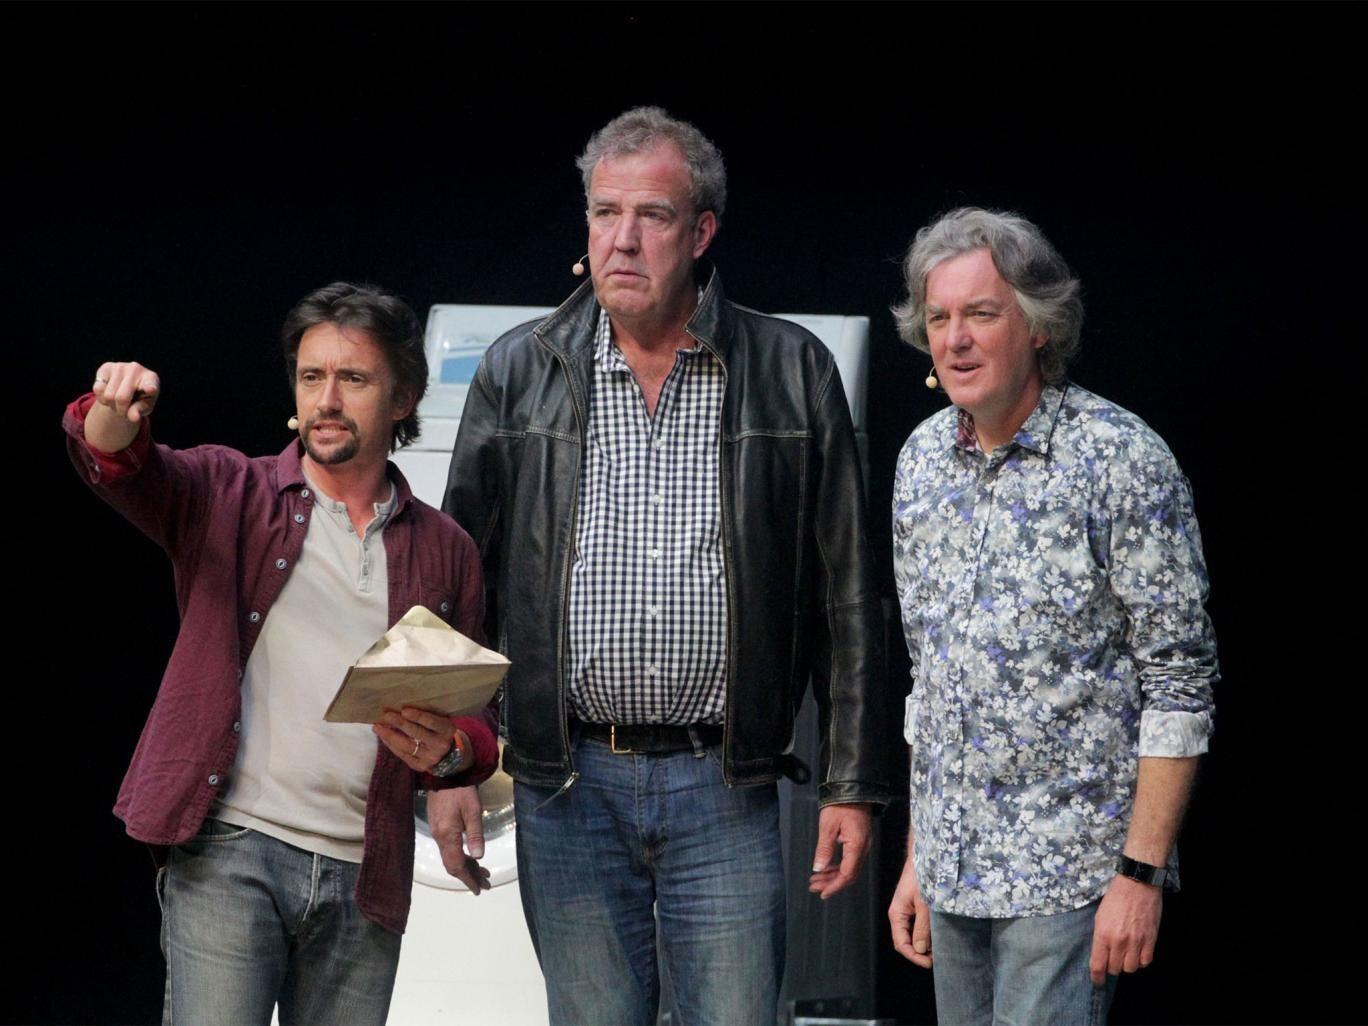 Jeremy Clarkson Original Top Gear Top Gear Jeremy Clarkson '